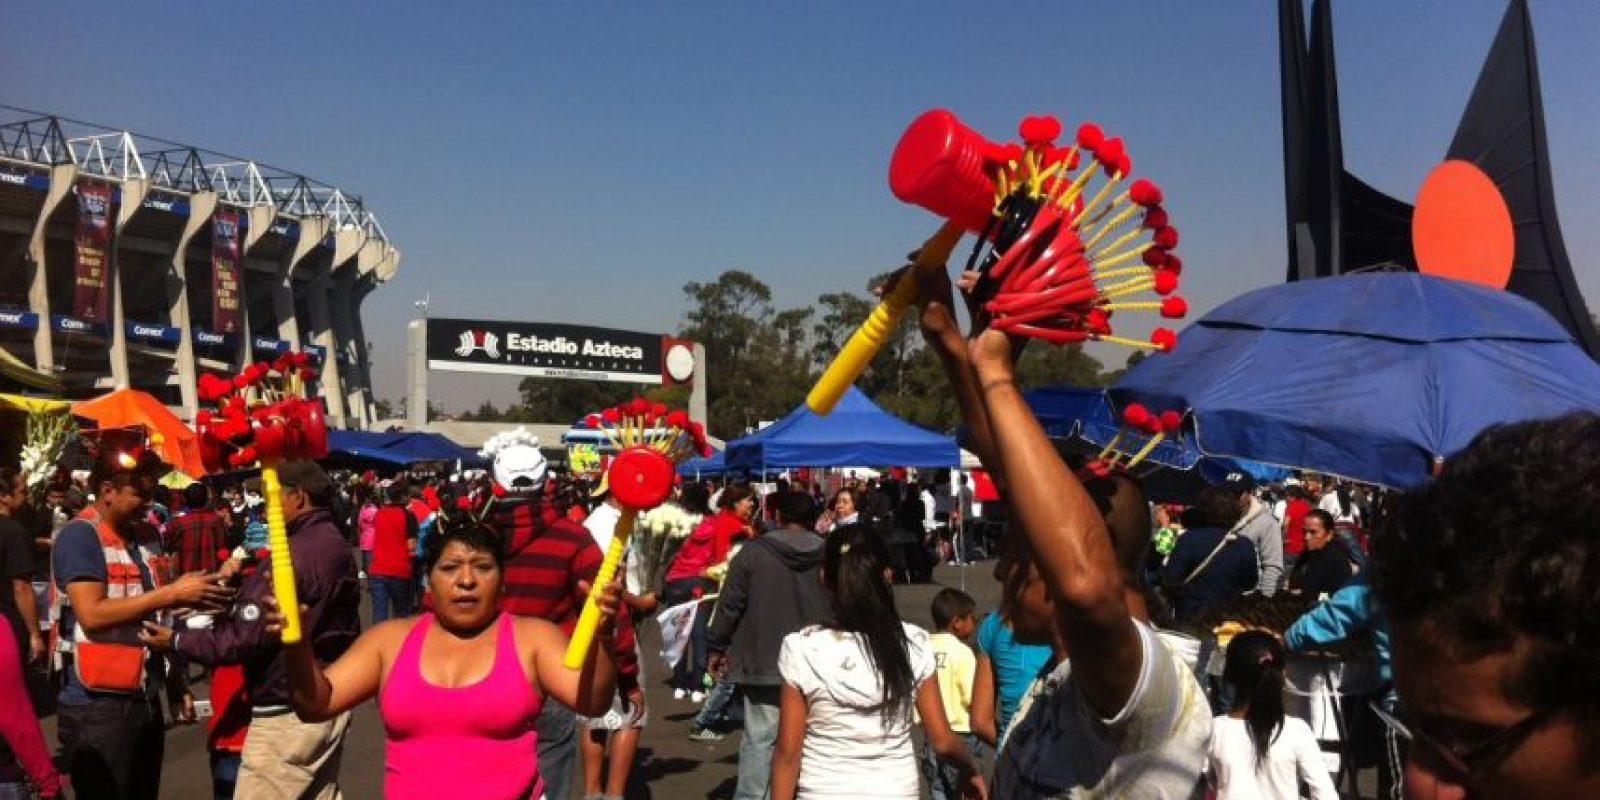 La gente se reunió desde temprano en la entrada del Azteca Foto:Nicolás Corte